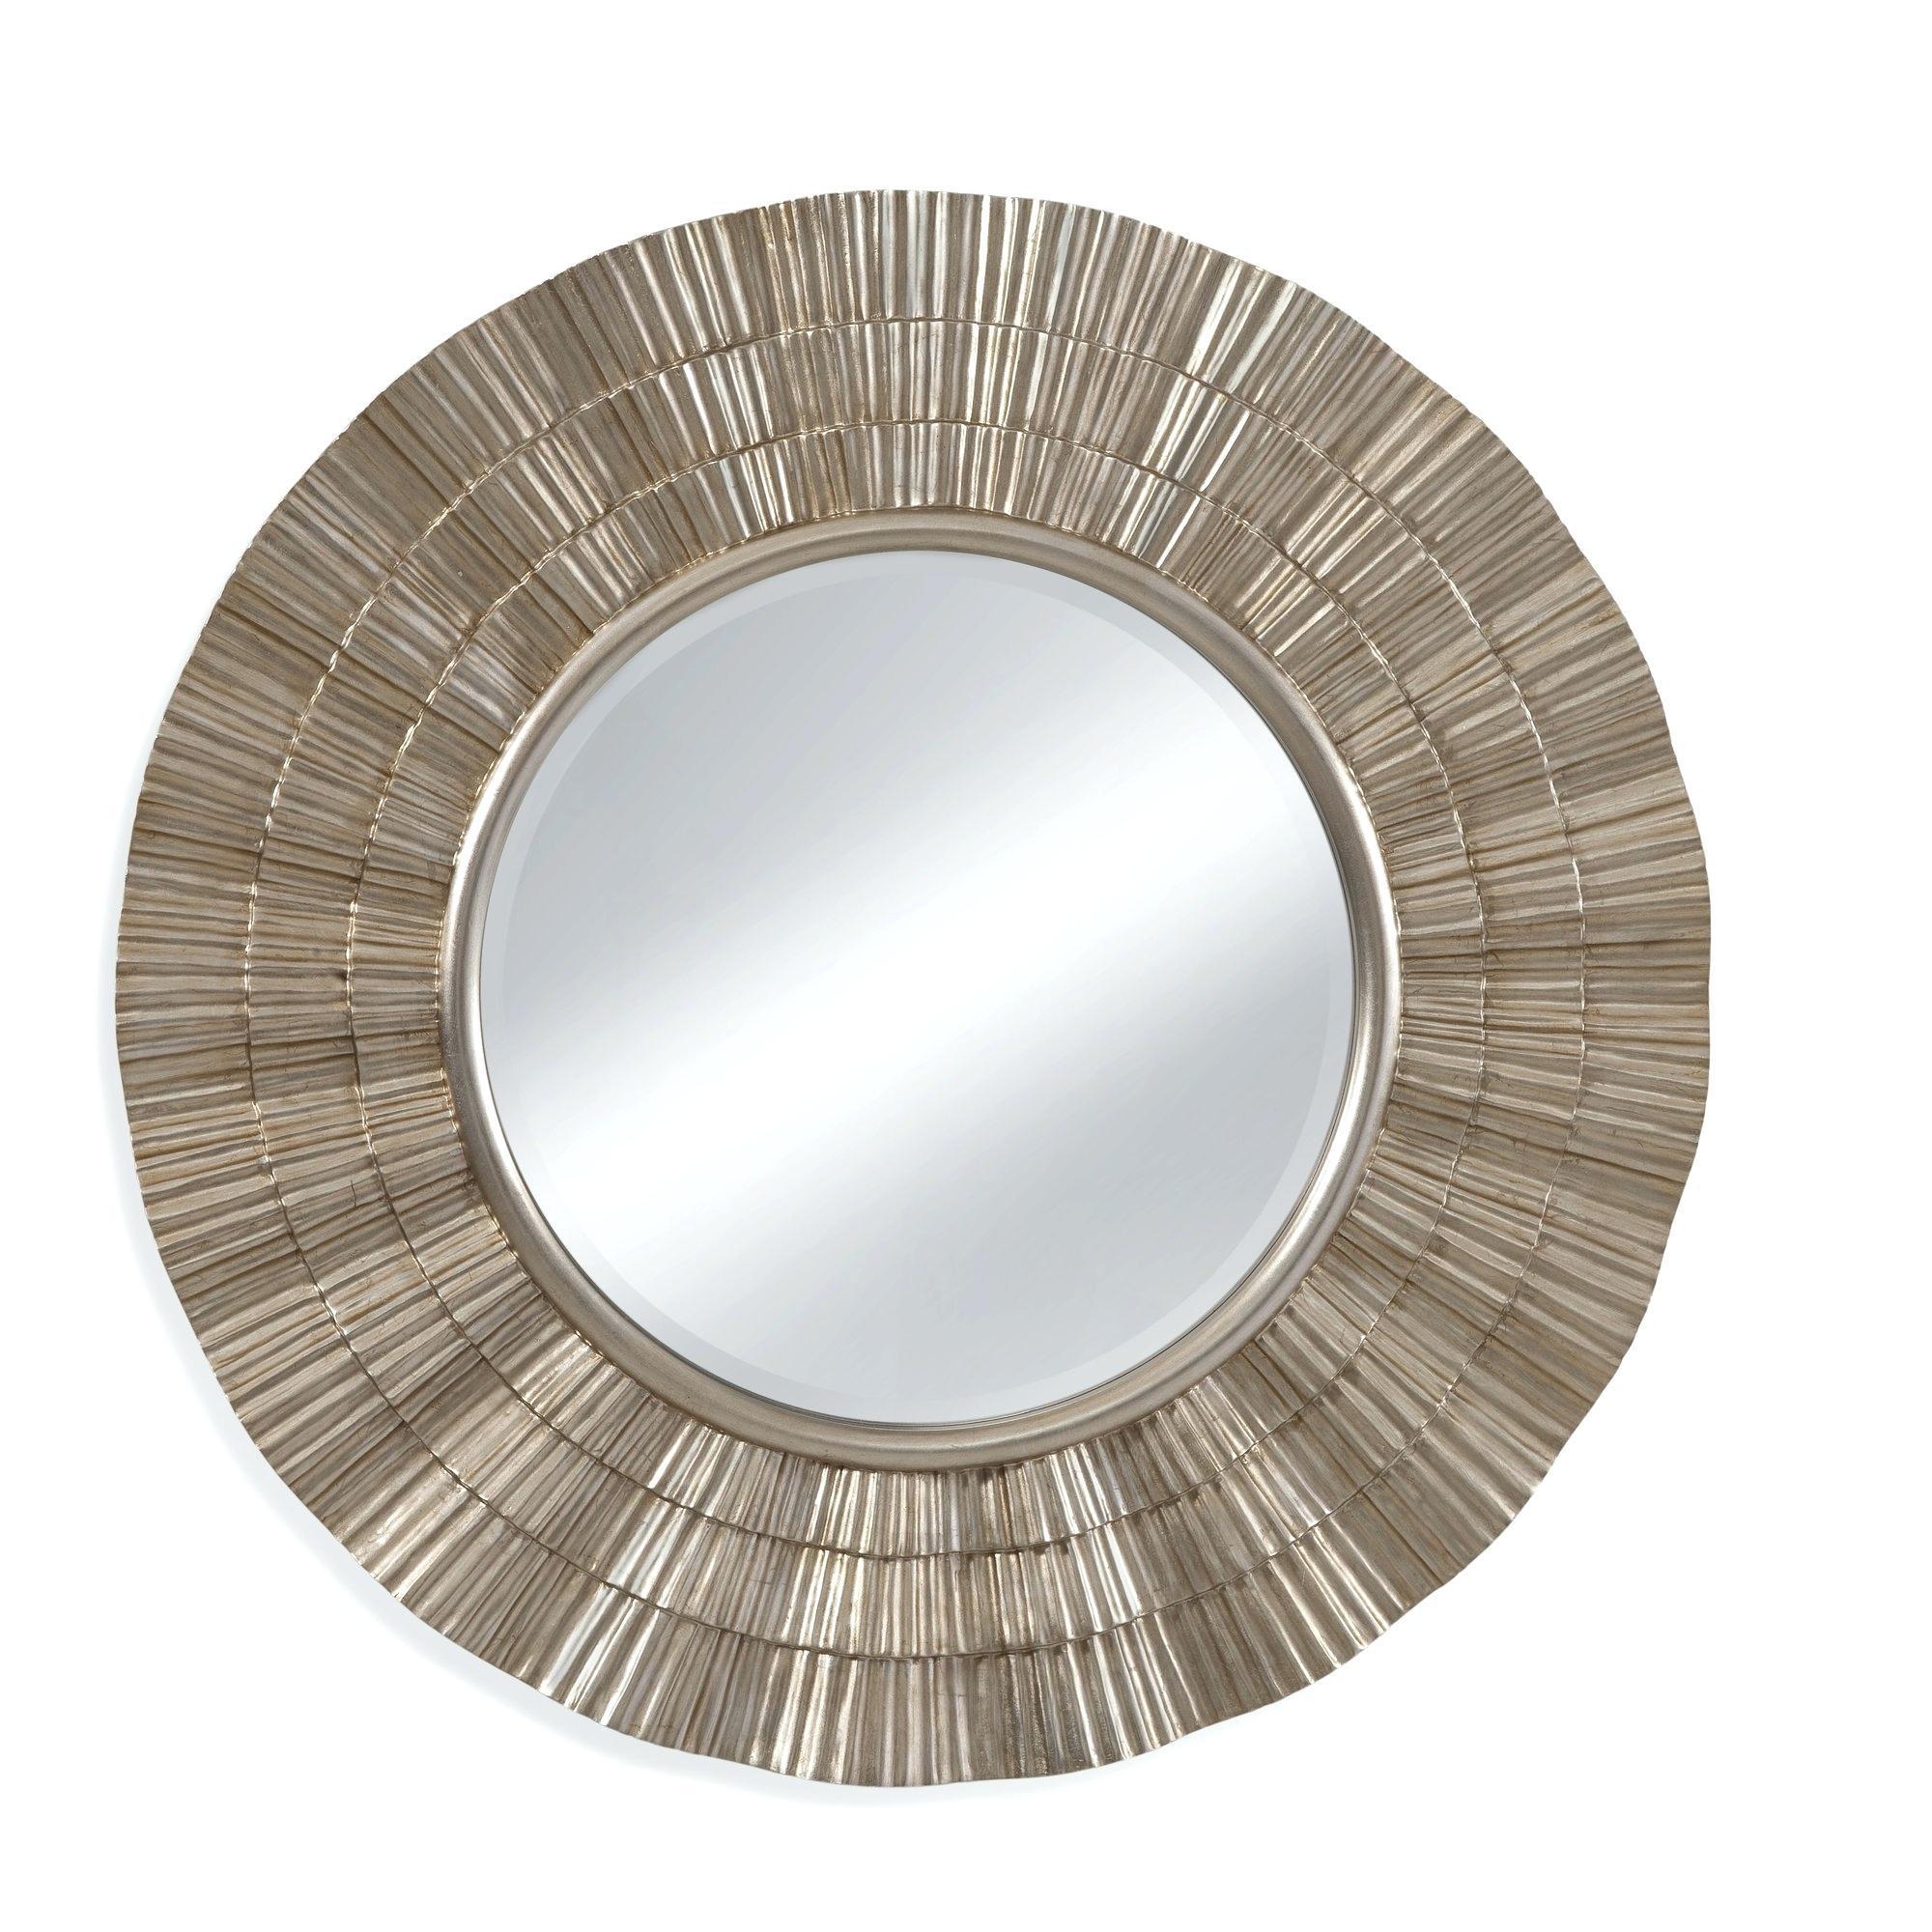 Luana Round Wall Mirror In Goldlarge Gold Uk Circular – Shopwiz With Regard To Large Round Gold Mirror (Image 16 of 20)